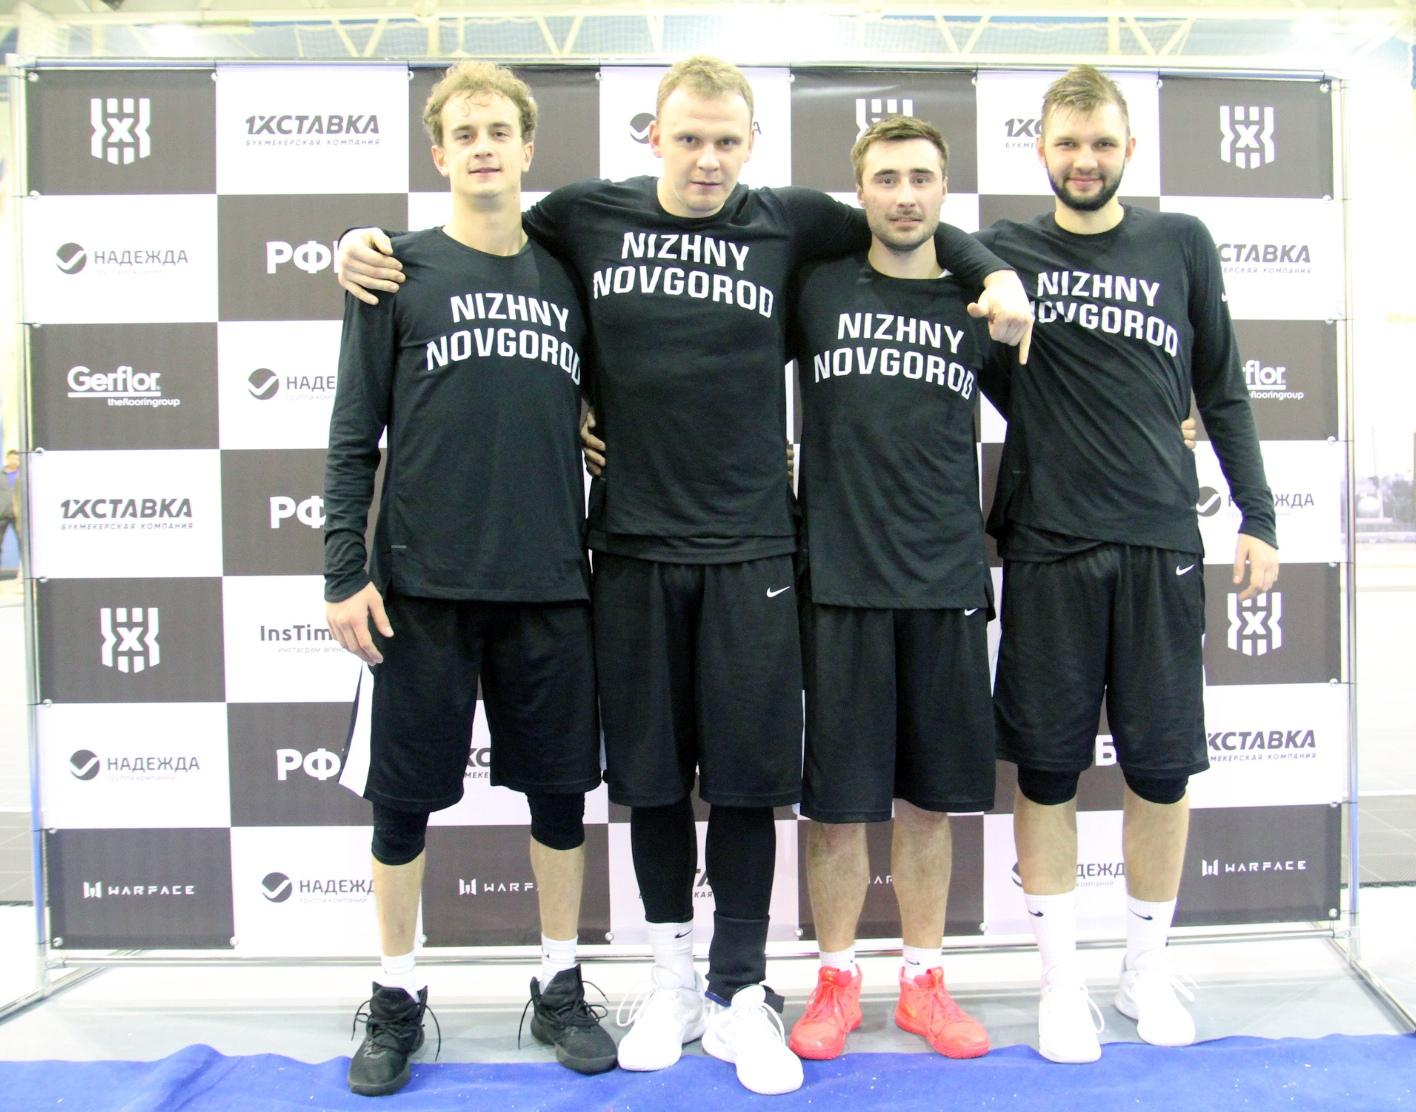 Превью четвертого этапа Чемпионата России